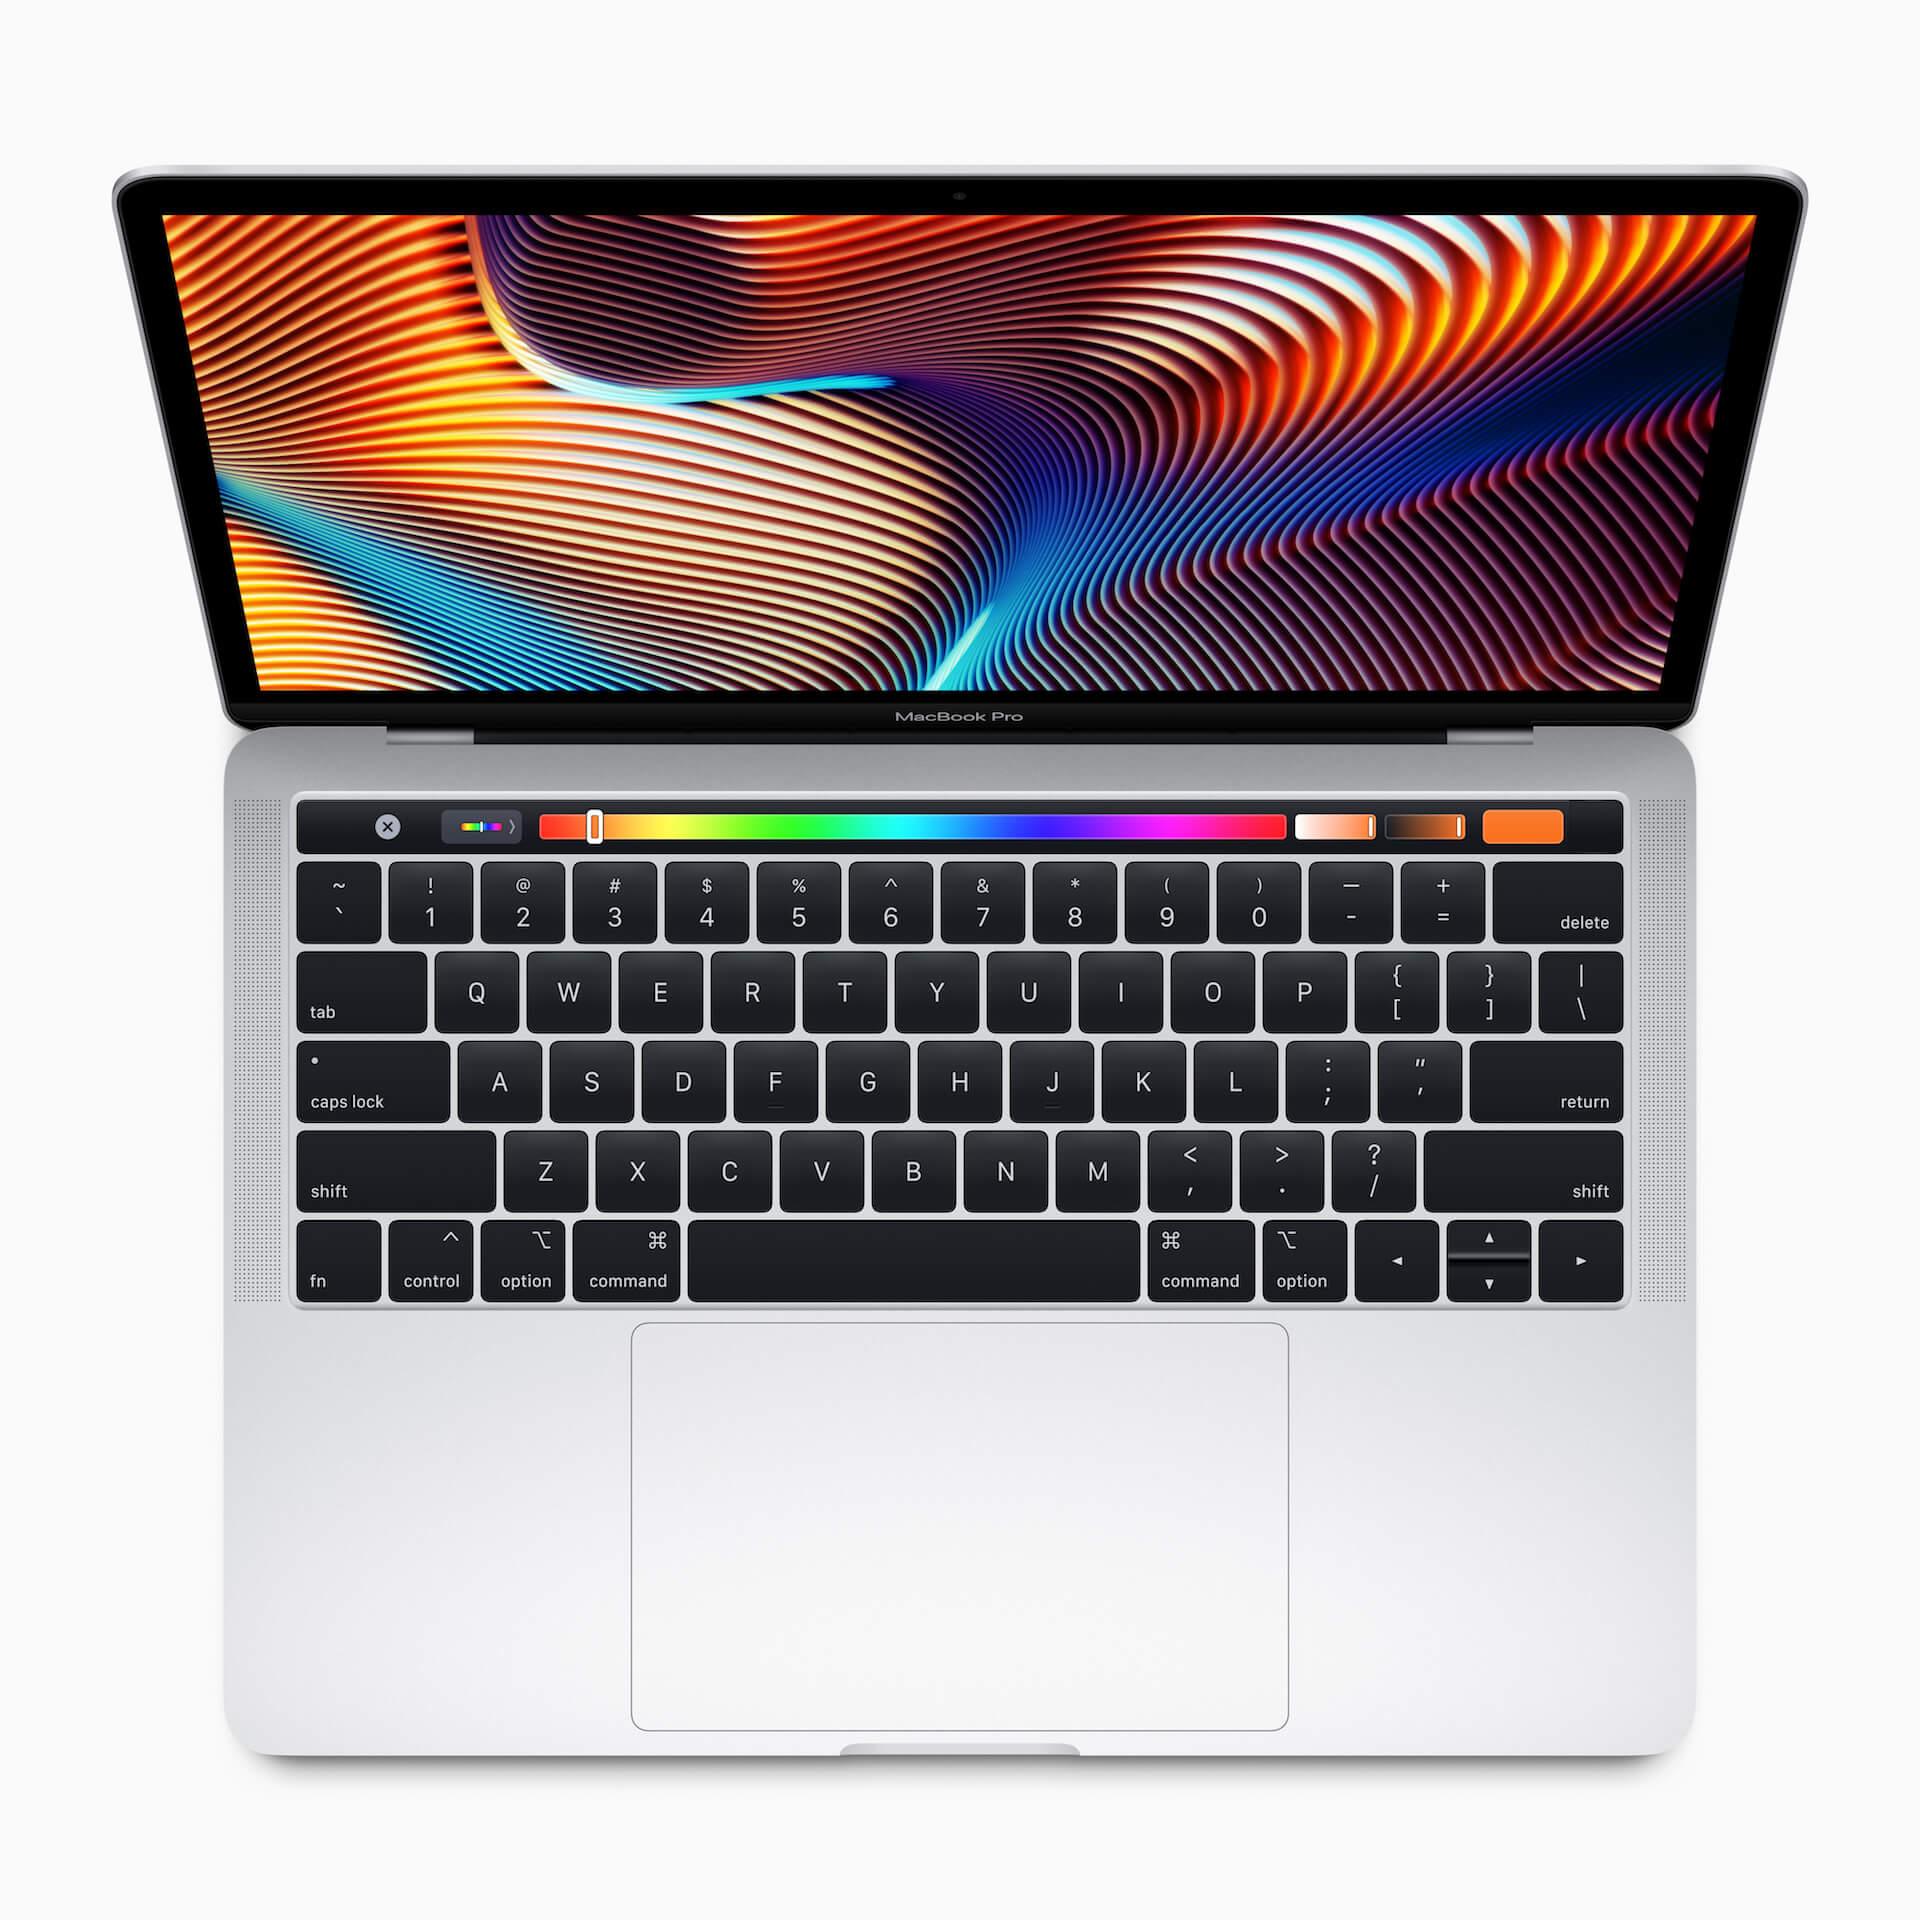 13インチMacBook Proが早くもアップデート?来月発表の可能性 tech200406_macbookpro_main